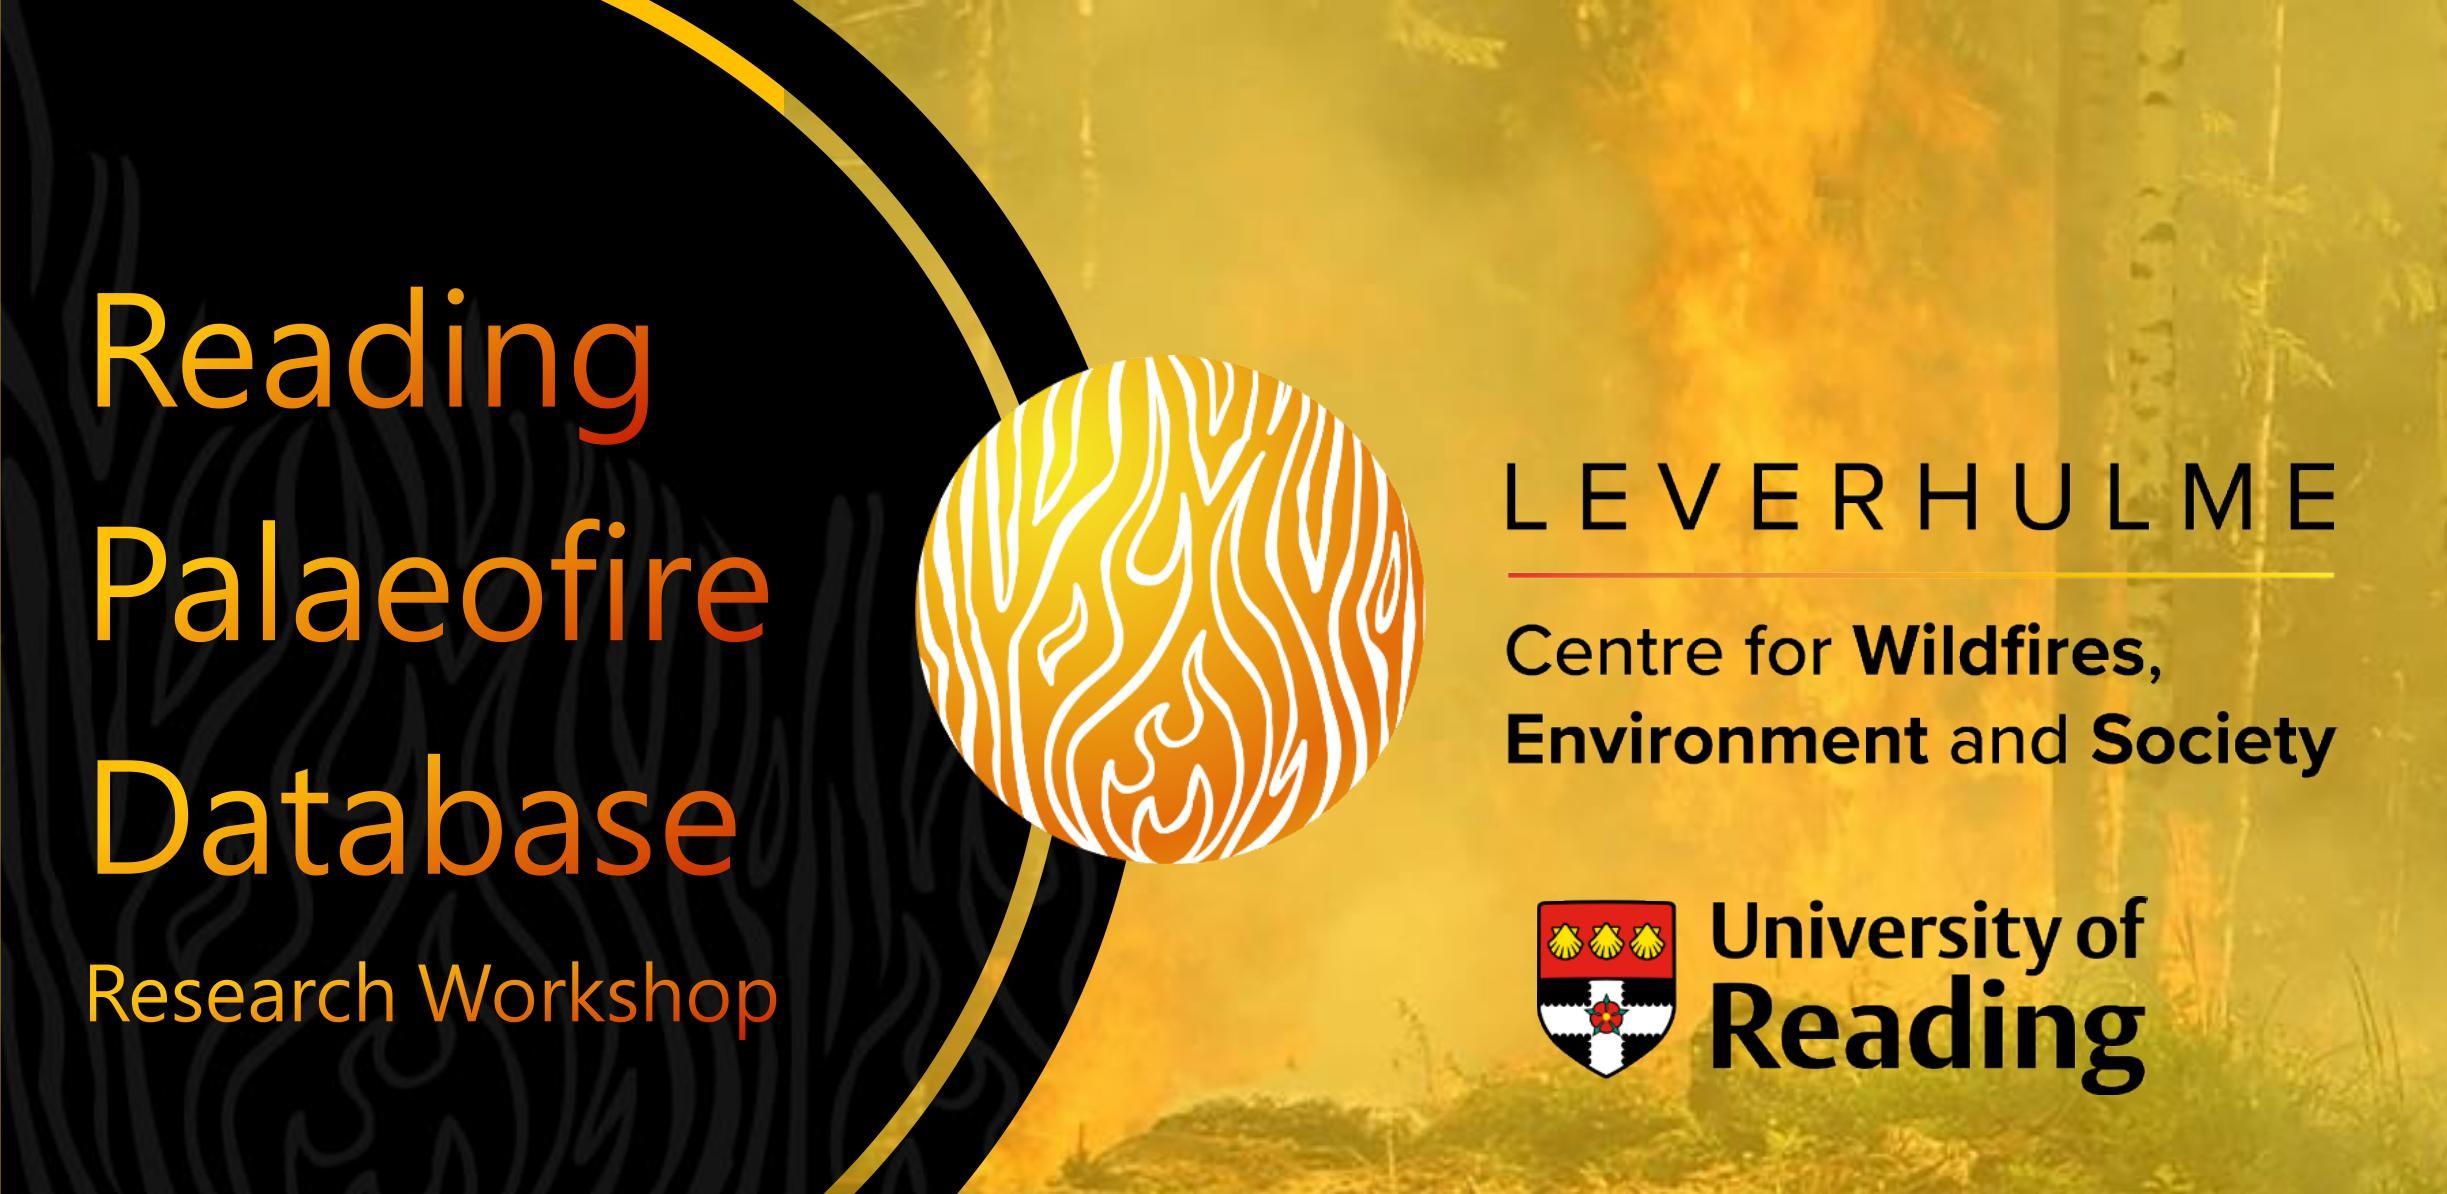 Upcoming: Reading Palaeofire Database Workshop (19, 20, 26 Oct)